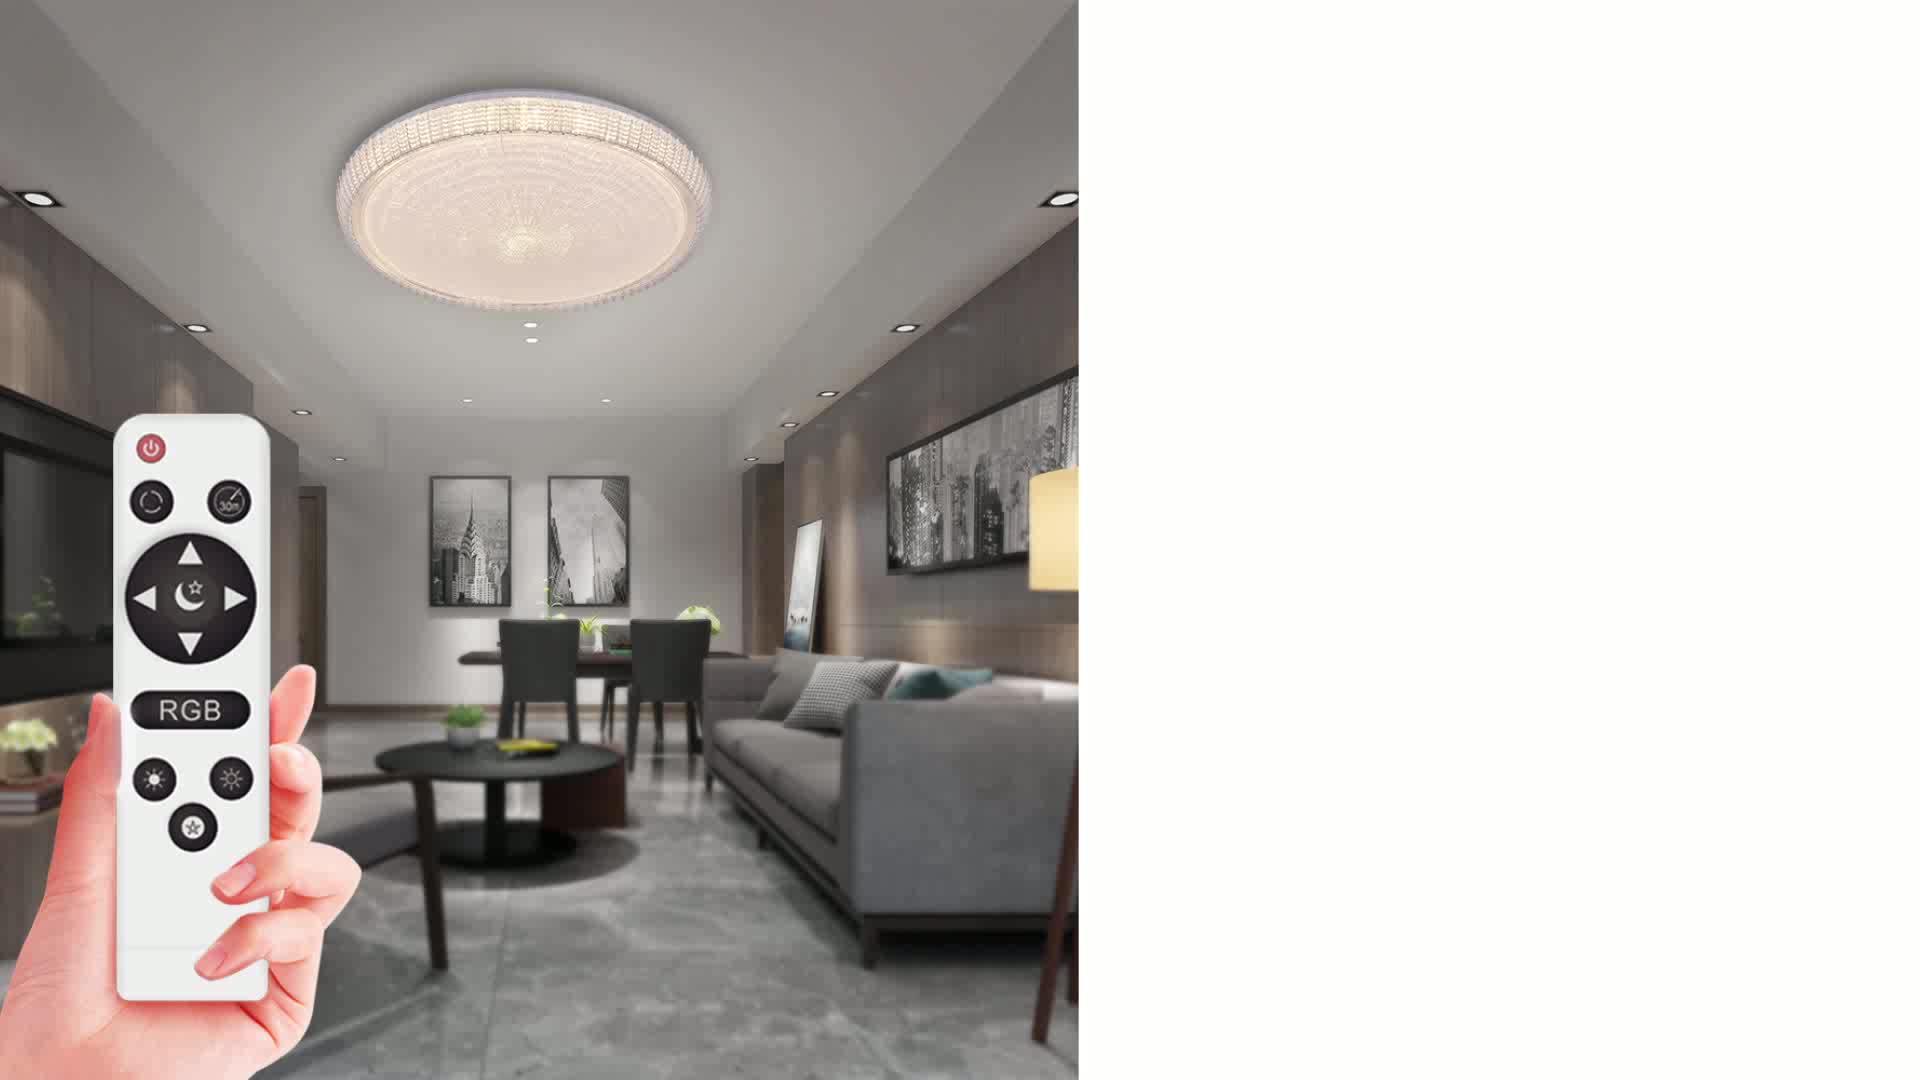 Nieuwe Ontwerp Rgb Ronde Led Plafond Licht Met Afstandsbediening Acryl 48W 220Vvolts Voor Woonkamer Keuken Slaapkamer Kleur veranderende Lamp